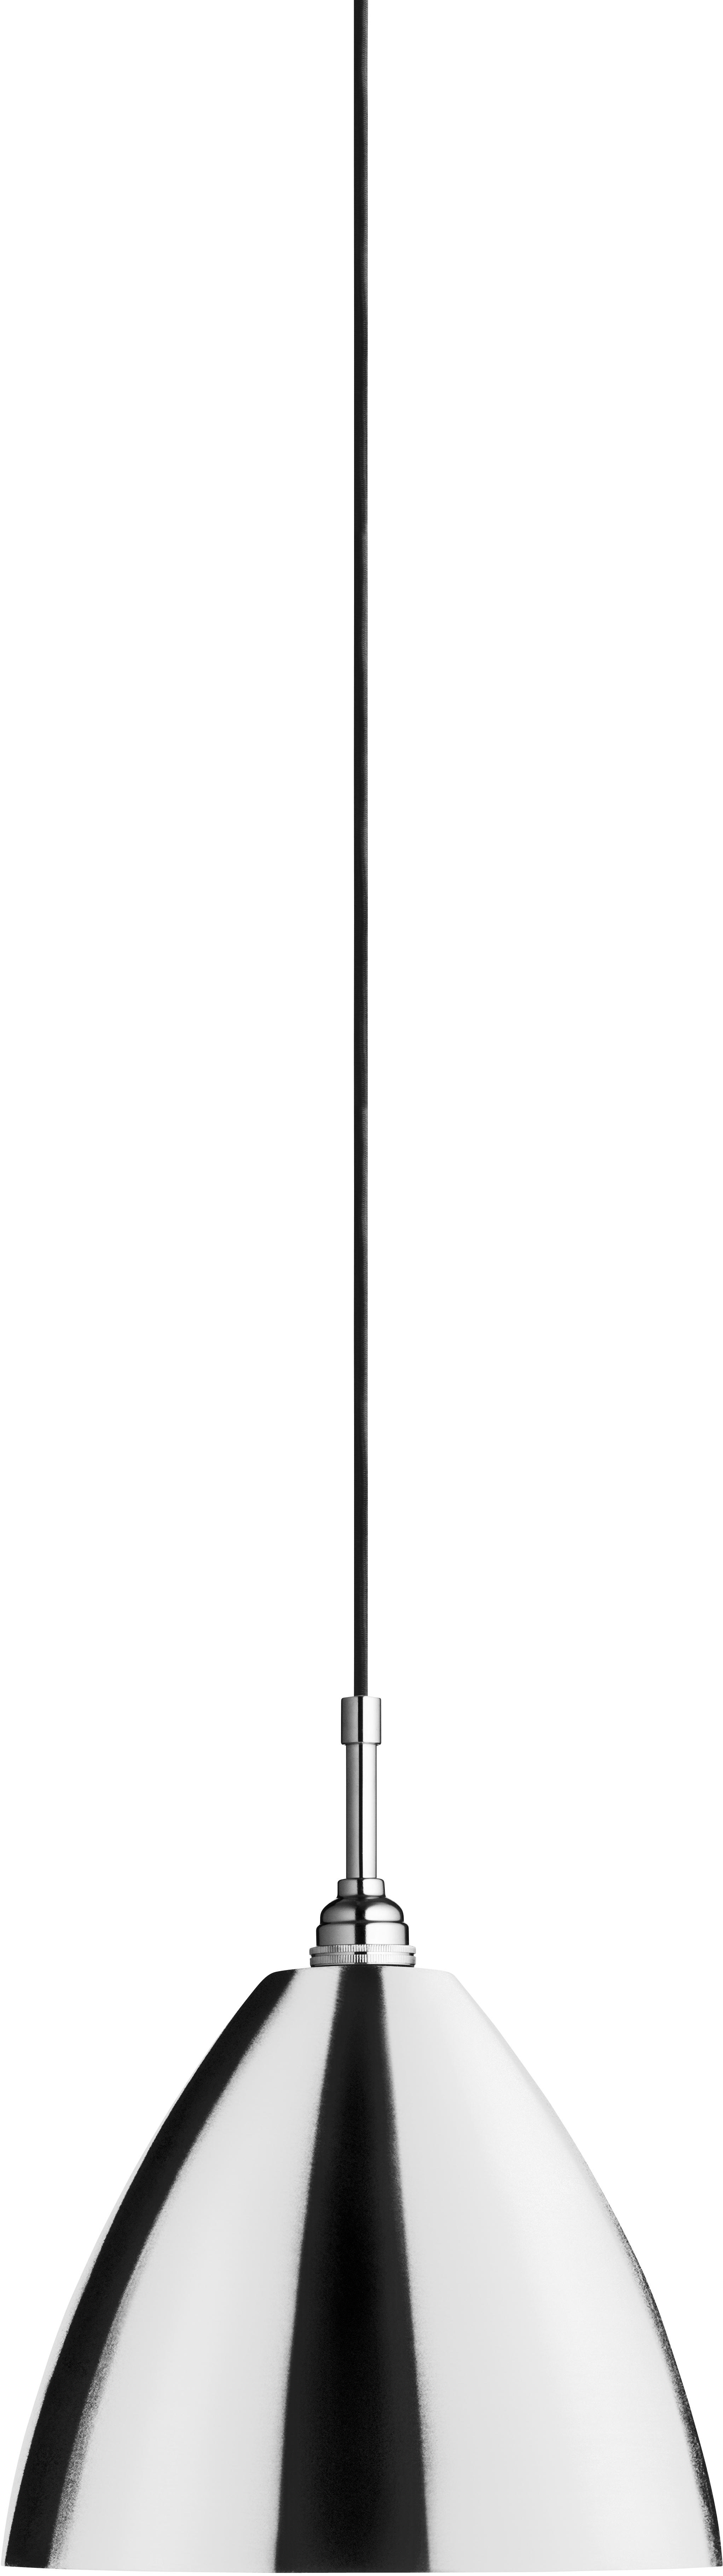 bl9-pendel-oe21-m-chrome-base-chrome_thumb.png